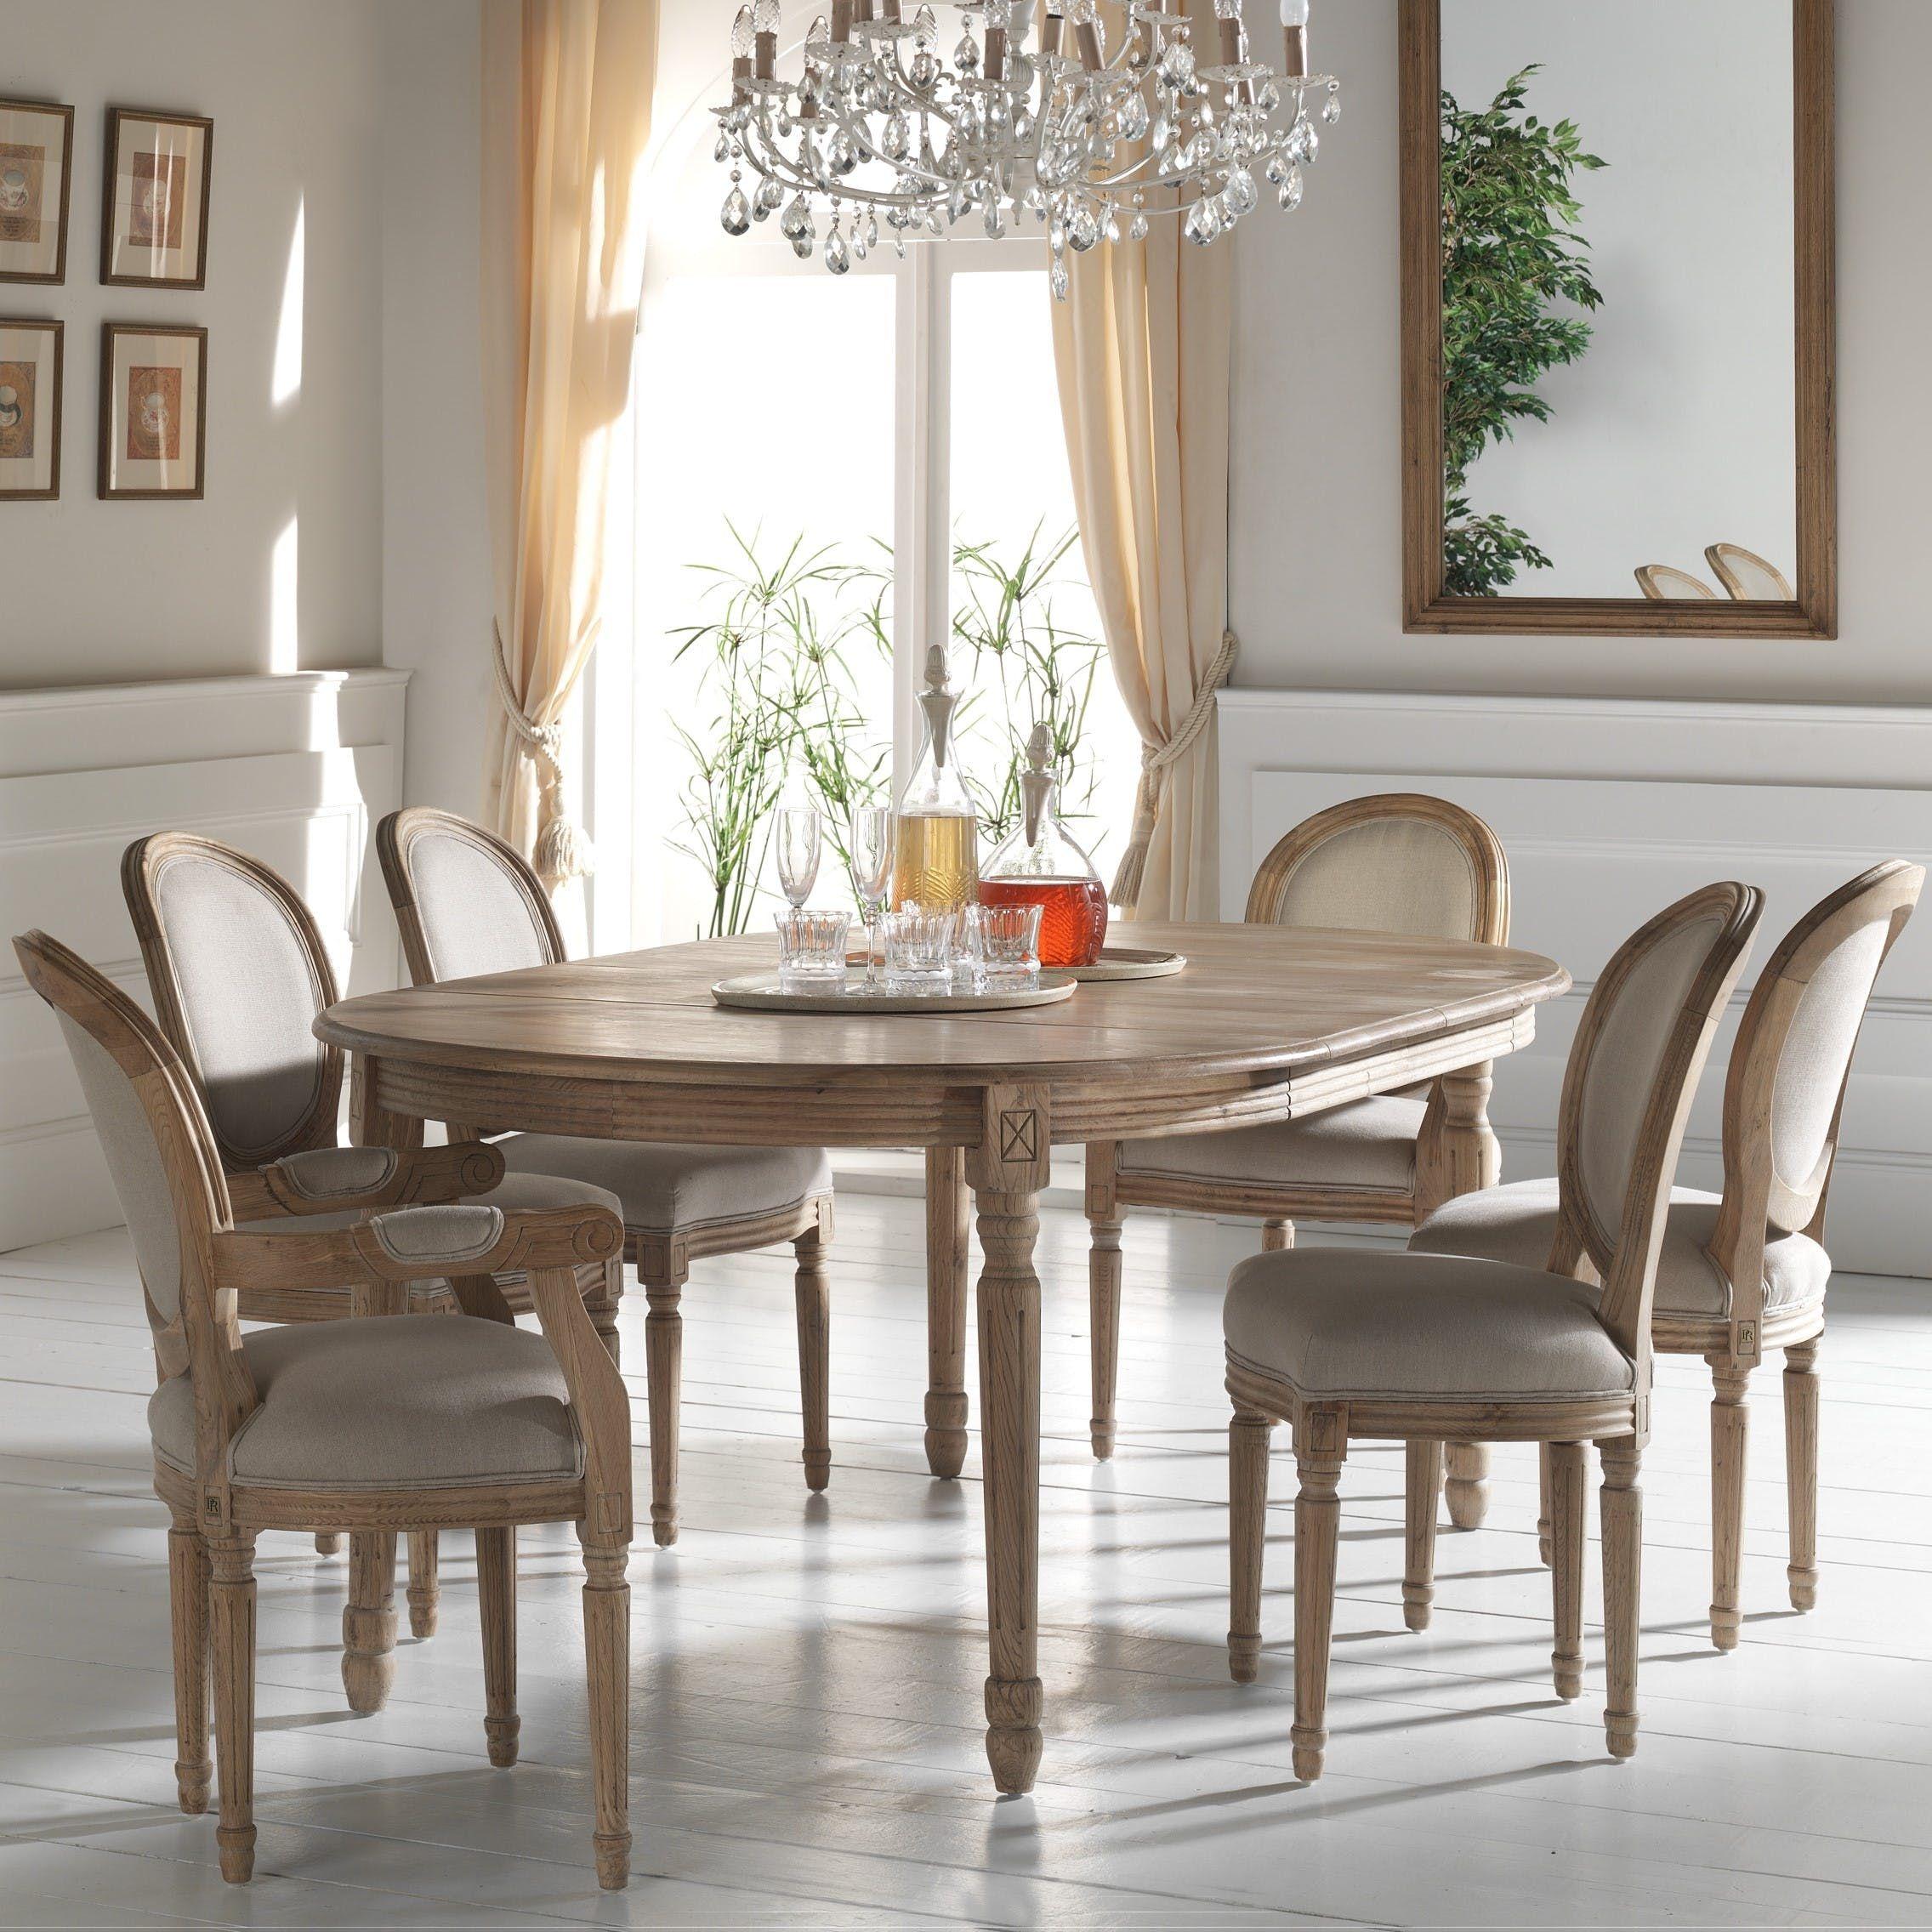 Table Ronde Extensible Suzie Chêne Clair: Table à Manger Extensible Classique Chic Chêne Massif 120